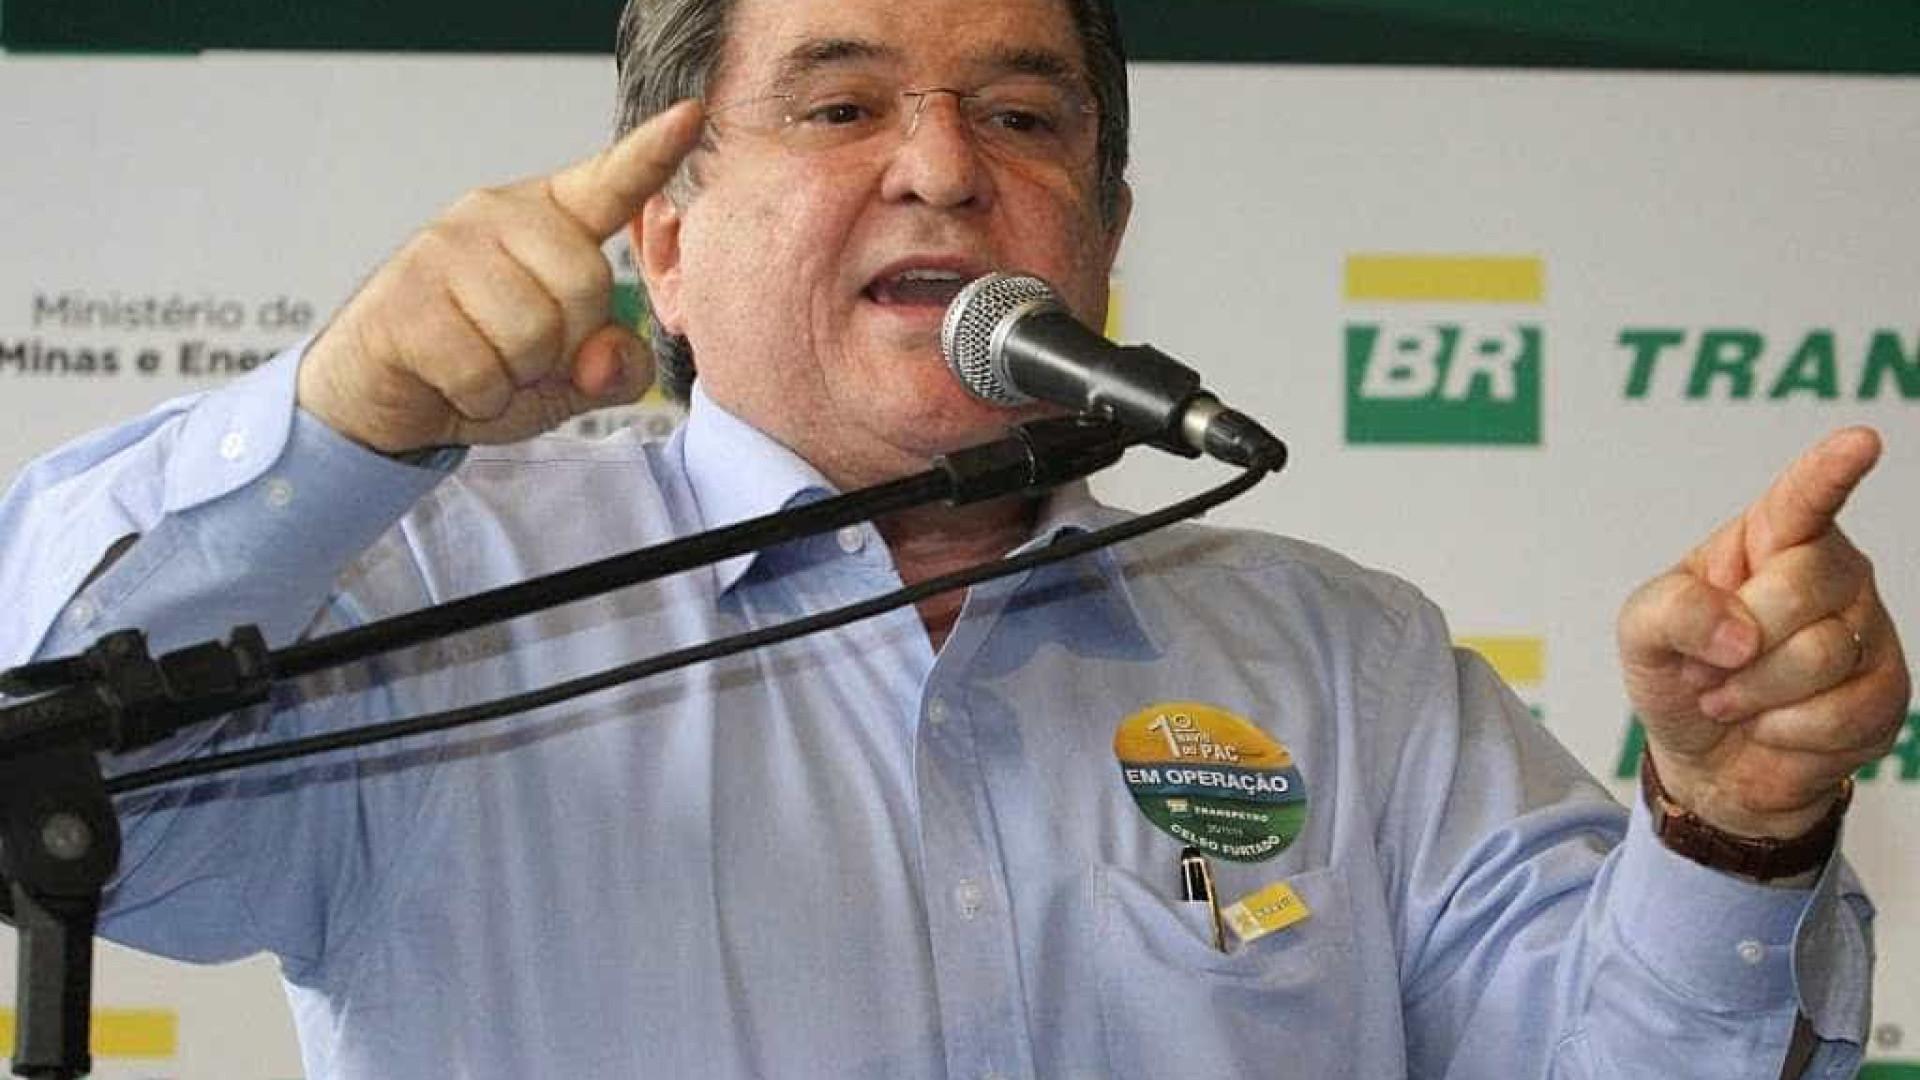 Após acordo, Machado se livra da prisão,  mas deve devolver R$ 70 milhões